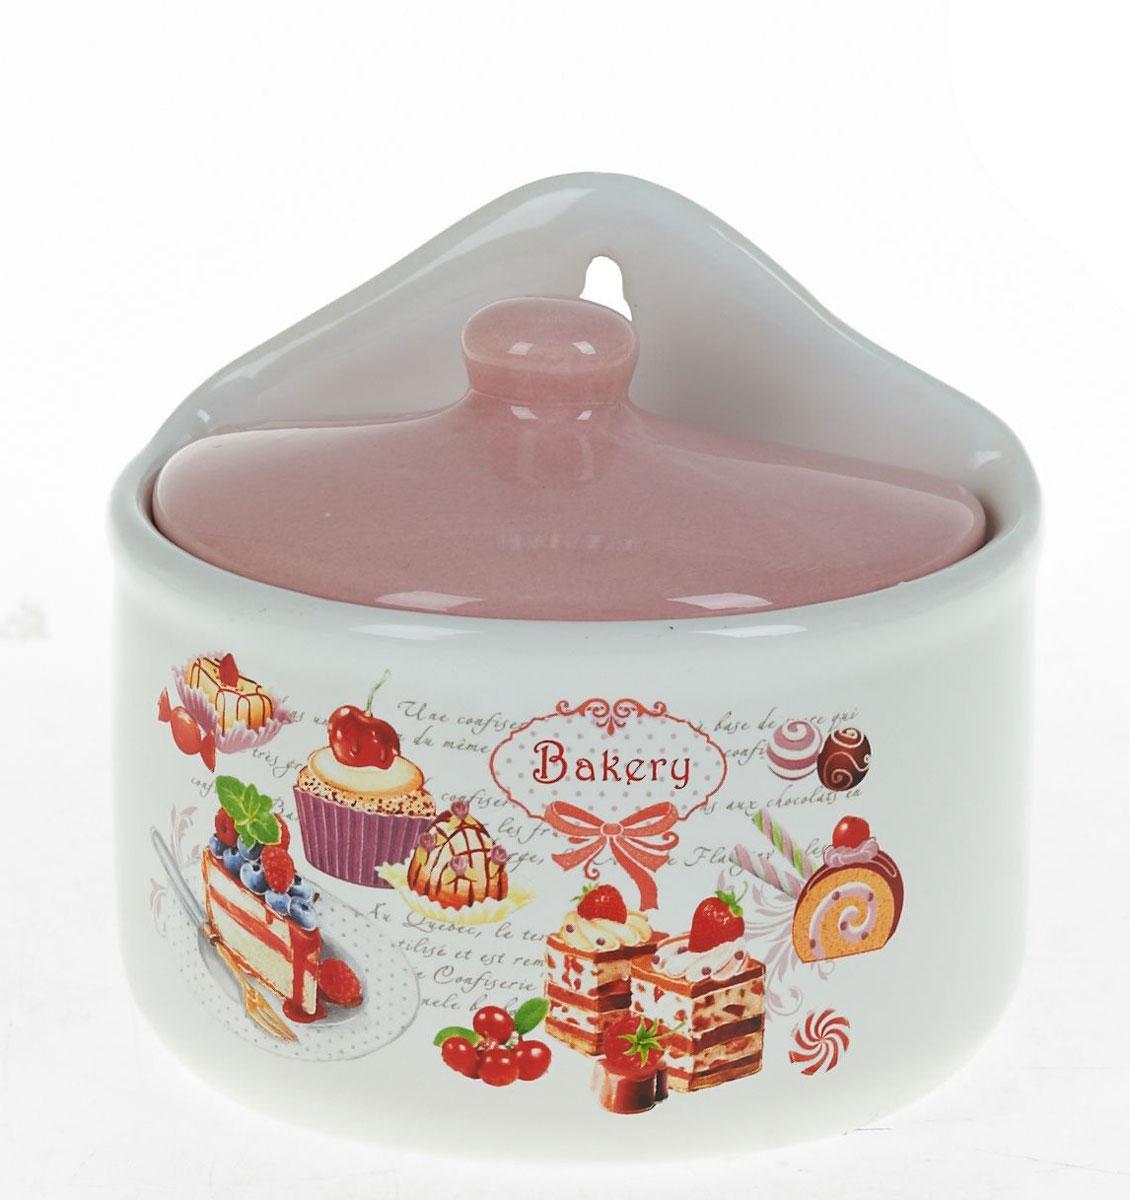 Солонка Polystar БисквитL3170222Оригинальная солонка Бисквит изготовлена из высококачественной керамики. Изделие имеет отверстие для подвешивания. Солонка украсит любую кухню и подчеркнет прекрасный вкус хозяина.